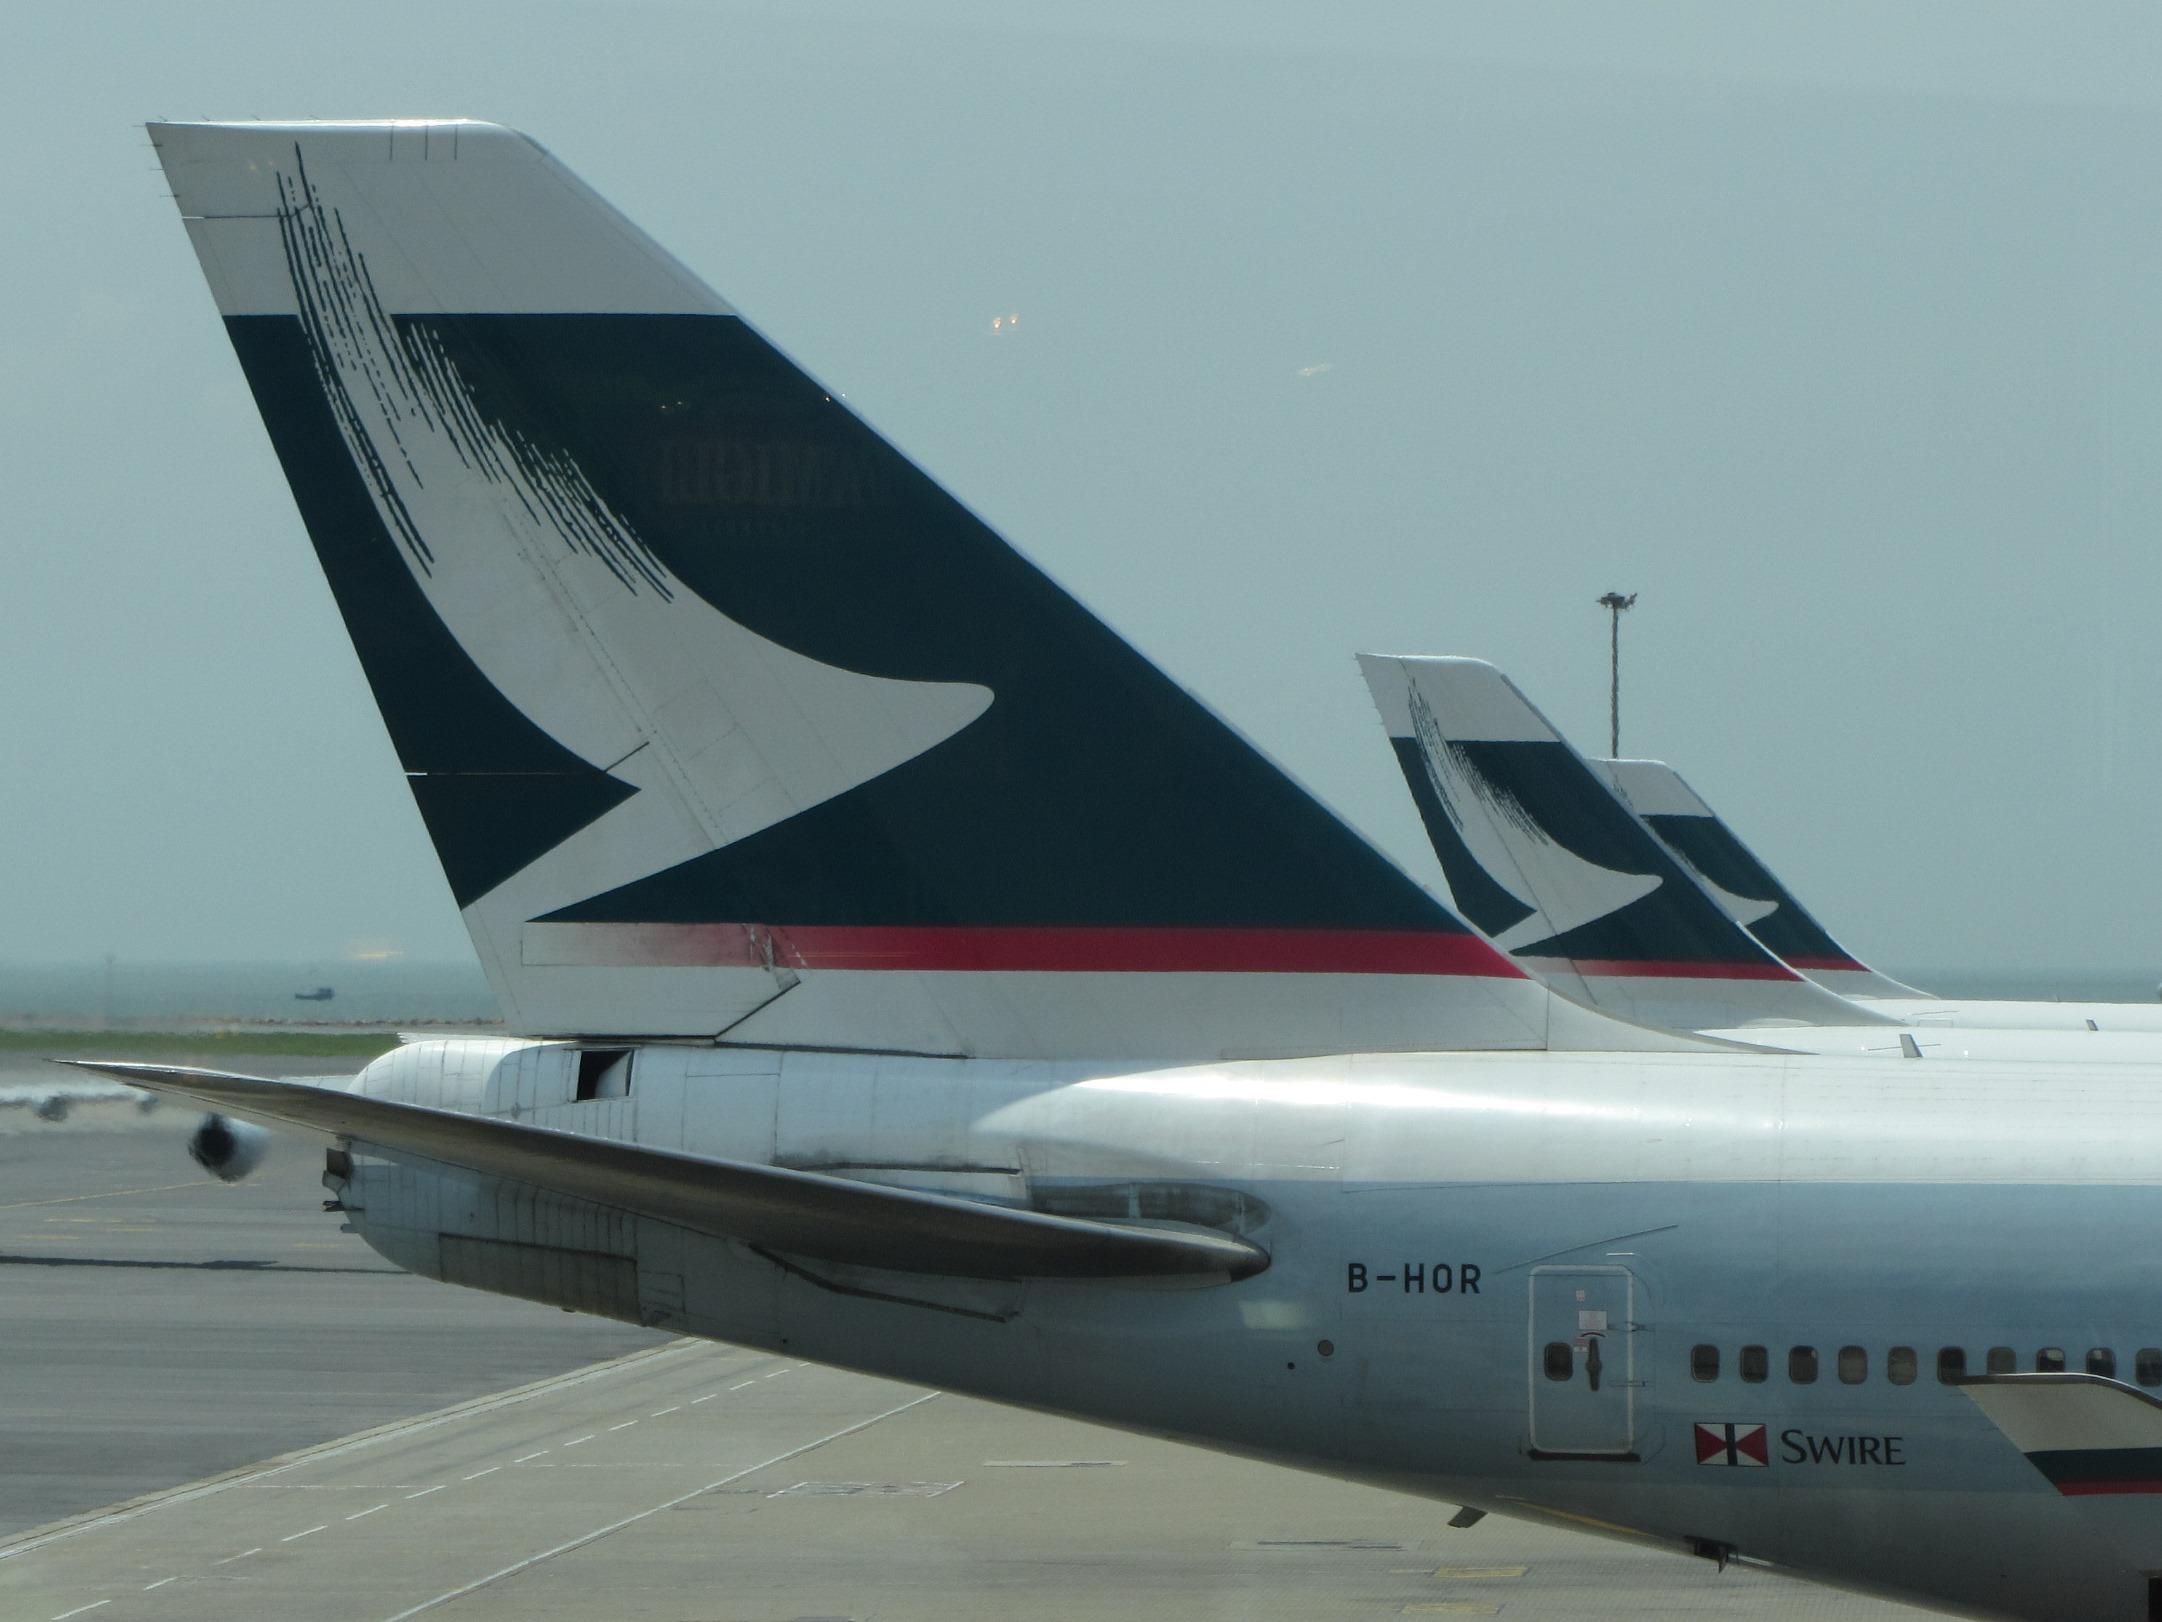 キャセイ航空など、燃油サーチャージ適用停止を継続 -2016年8月~9月発券分